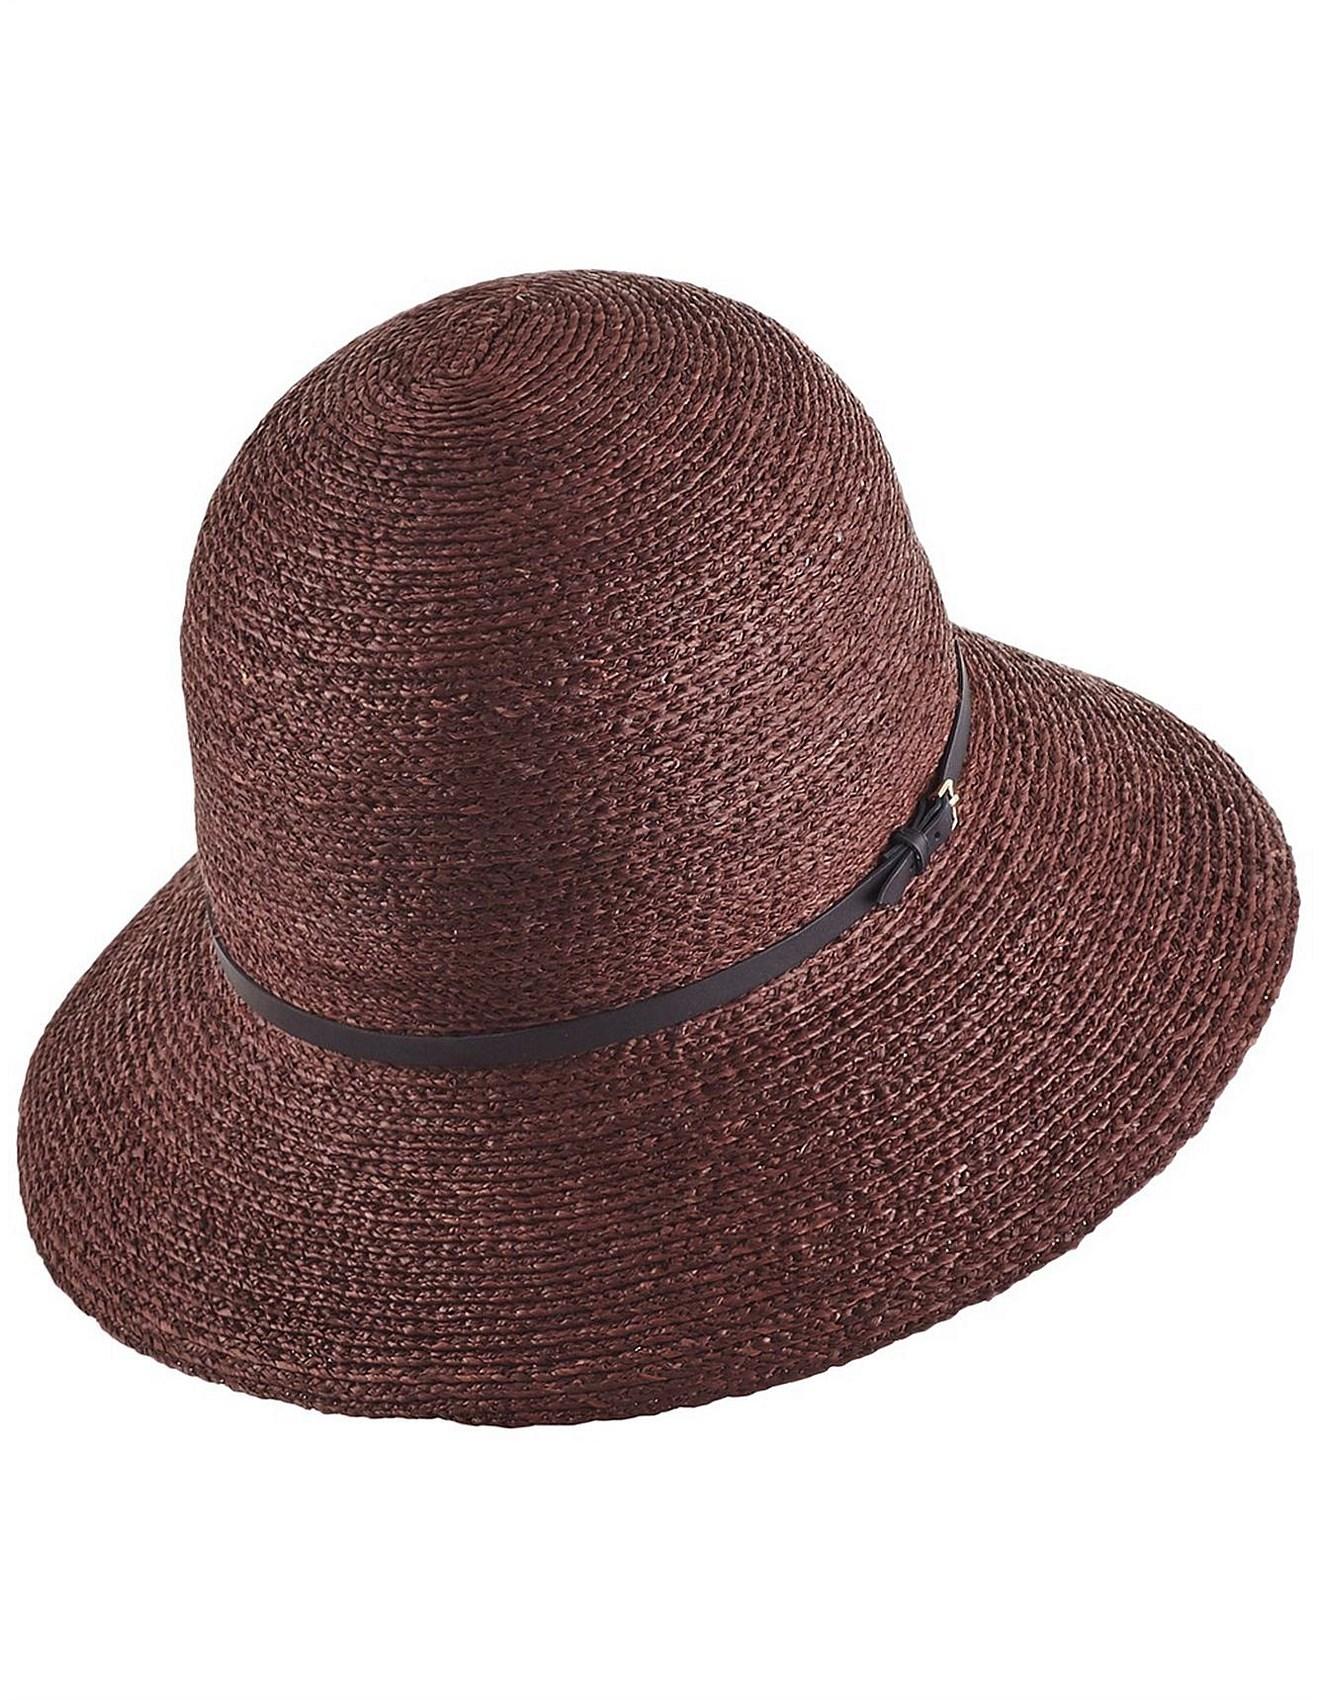 dfff8ba21e559 Besa 9 Rollable Raffia Braid Hat